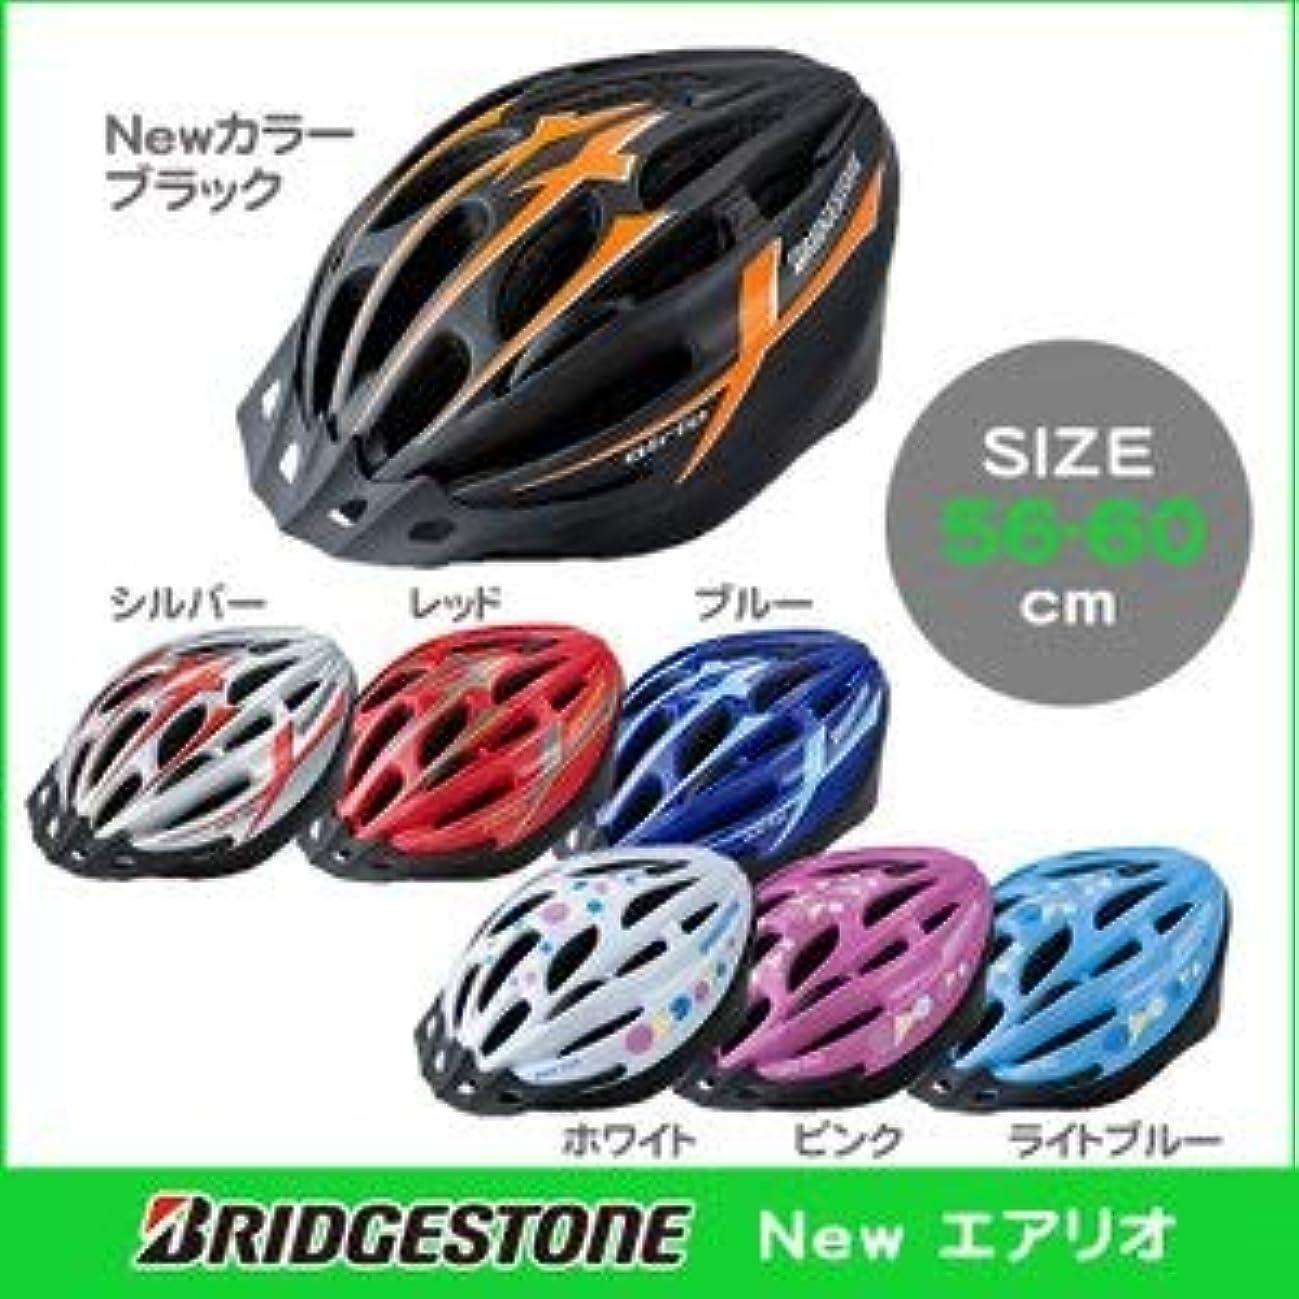 薬を飲む警戒正しく自転車用ヘルメット 子供用 サイズ56-60cm